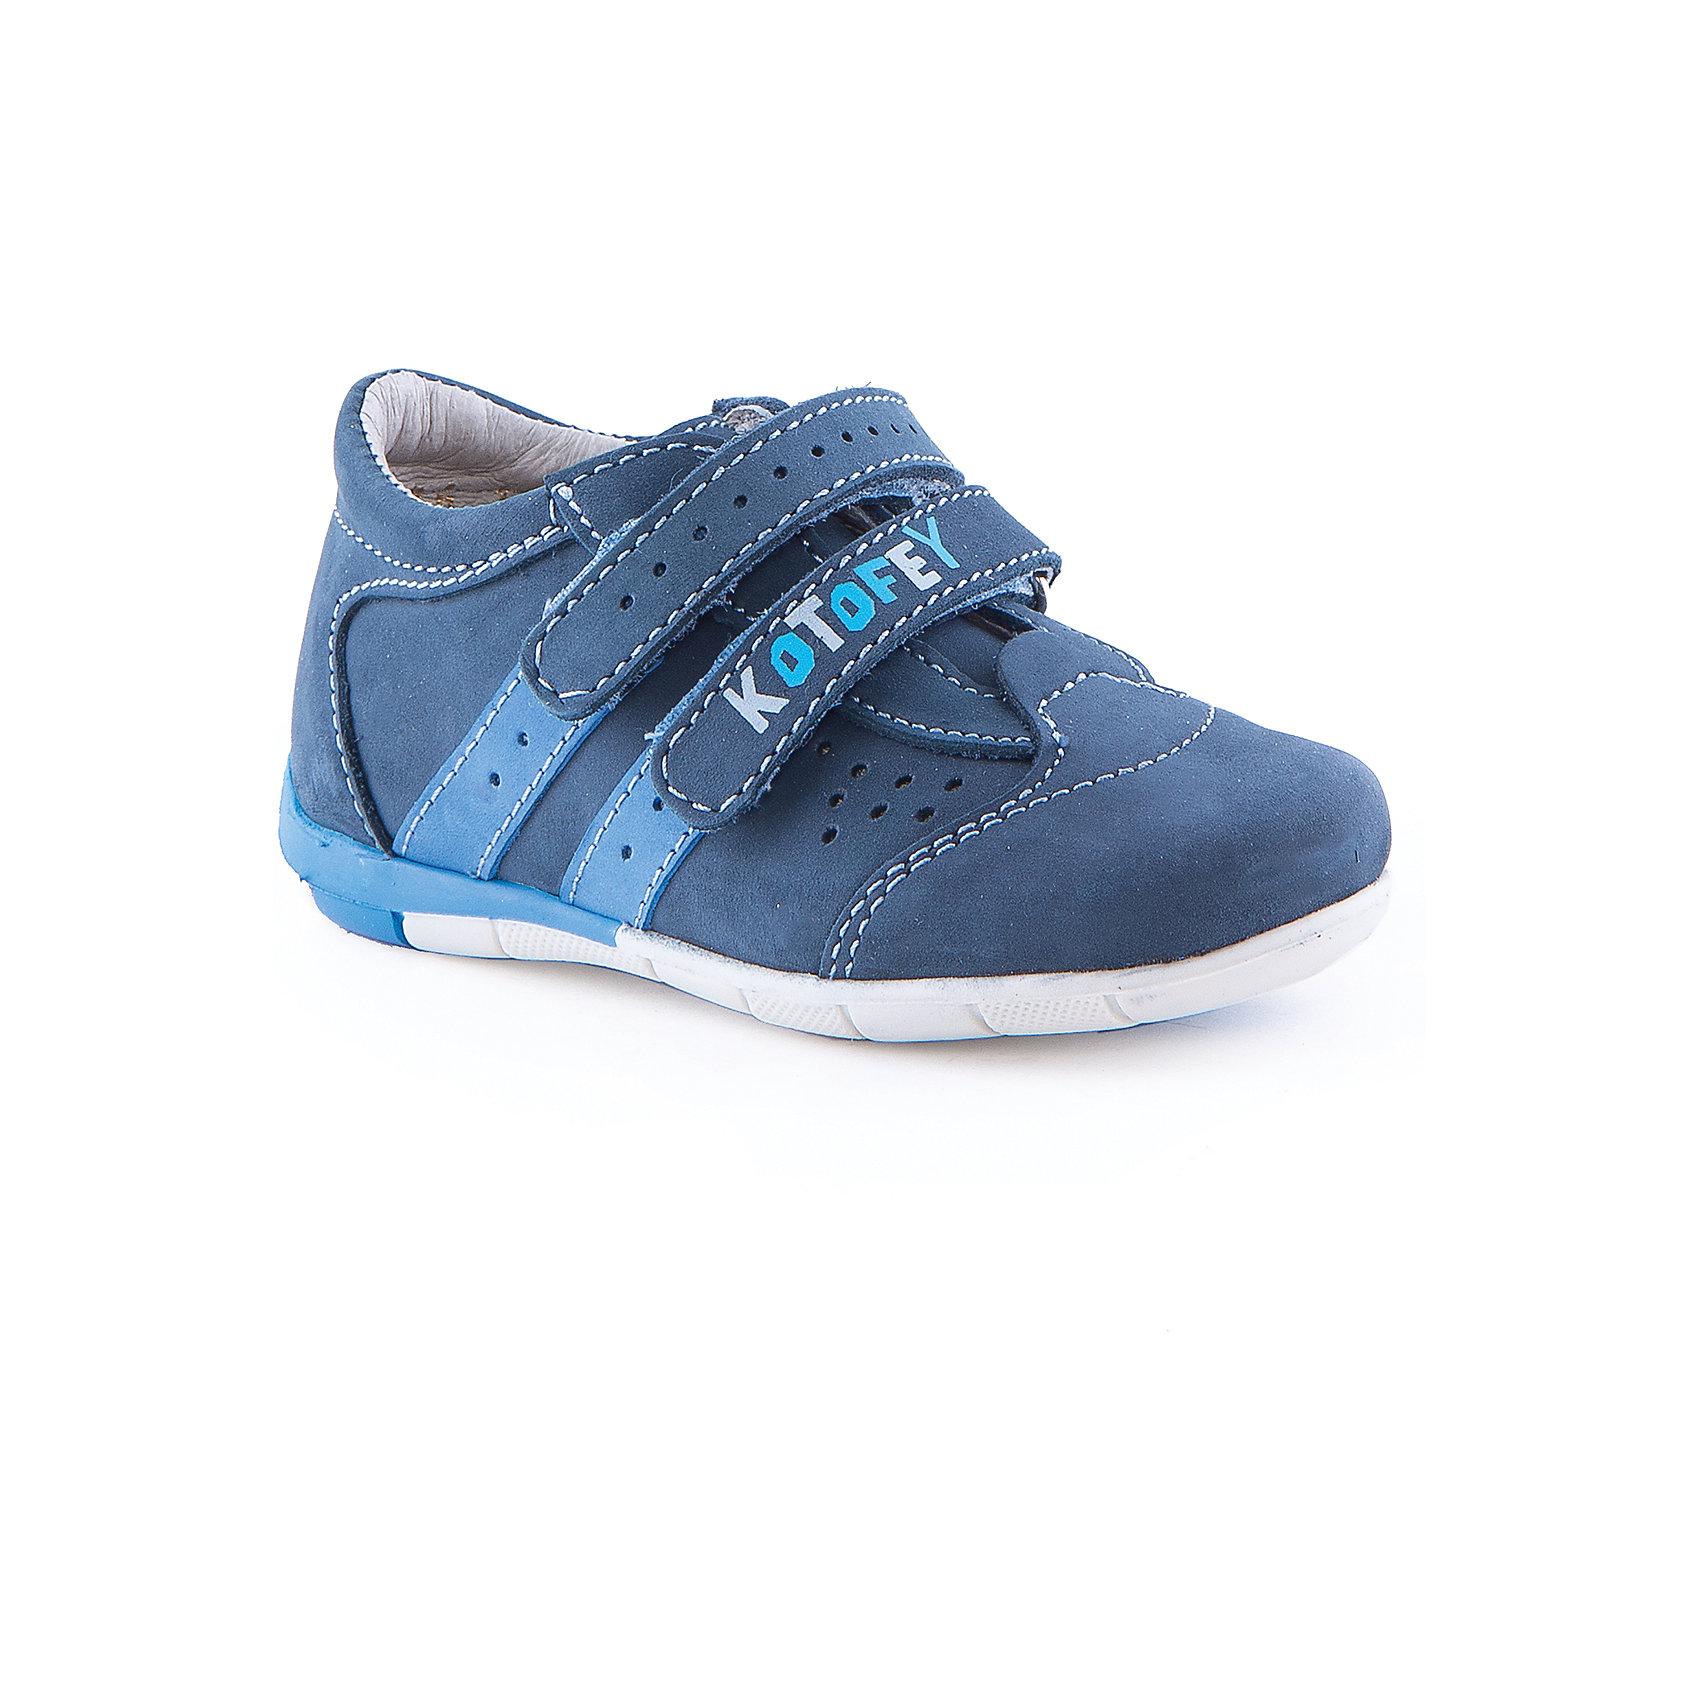 Полуботинки для мальчика КотофейБотинки для мальчика от известного российского бренда Котофей<br><br>Модные ботинки помогут защитить детские ножки от сырости и холода. Они легко надеваются, комфортно садятся по ноге. <br>Изделия рассчитаны на теплую и прохладную погоду. На липучке - бренд производителя.<br><br>Особенности модели:<br>- цвет - синий;<br>- декорированы логотипом;<br>- верх – натуральная кожа;<br>- комфортная колодка;<br>- подкладка из кожи;<br>- вид крепления – клеевой;<br>- защита пальцев;<br>- амортизирующая устойчивая подошва;<br>- застежка - липучки.<br><br>Дополнительная информация:<br><br>Температурный режим:<br>от +10° С до +20° С<br><br>Состав:<br>верх – натуральная кожа;<br>подкладка - натуральная кожа;<br>подошва - ТЭП.<br><br>Ботинки для мальчика Котофей можно купить в нашем магазине.<br><br>Ширина мм: 262<br>Глубина мм: 176<br>Высота мм: 97<br>Вес г: 427<br>Цвет: синий<br>Возраст от месяцев: 24<br>Возраст до месяцев: 24<br>Пол: Мужской<br>Возраст: Детский<br>Размер: 25,24,23,26<br>SKU: 4565621